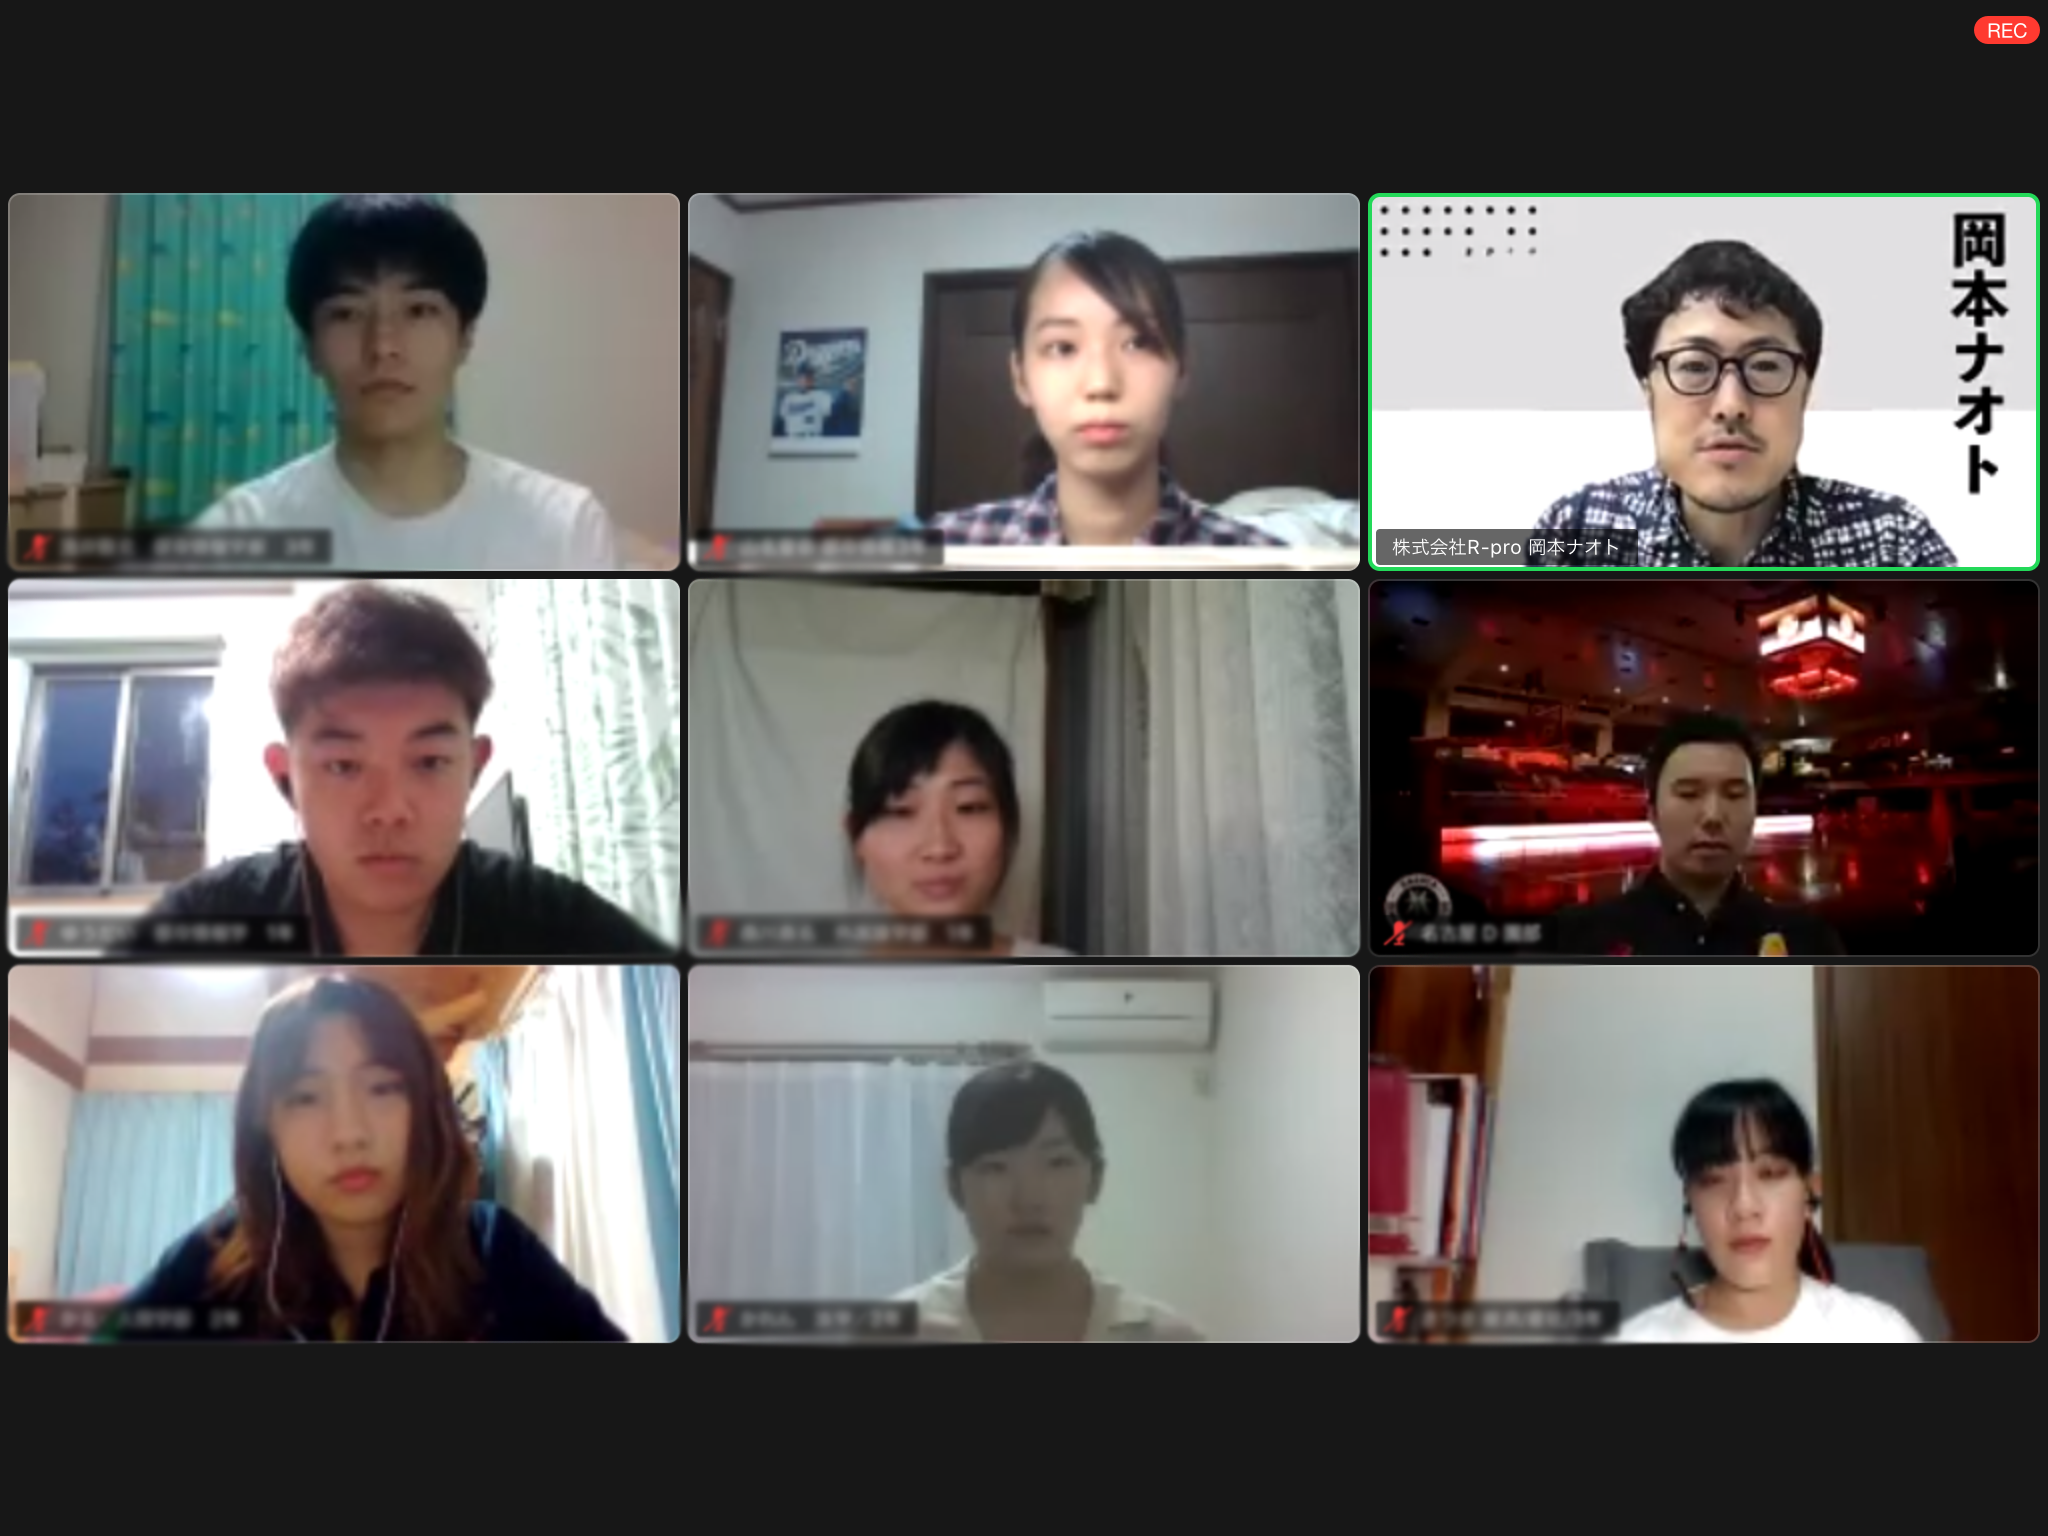 プロスポーツビジネス研究会が始動 初回ウェブ会議に7学部から16人の学生が参加